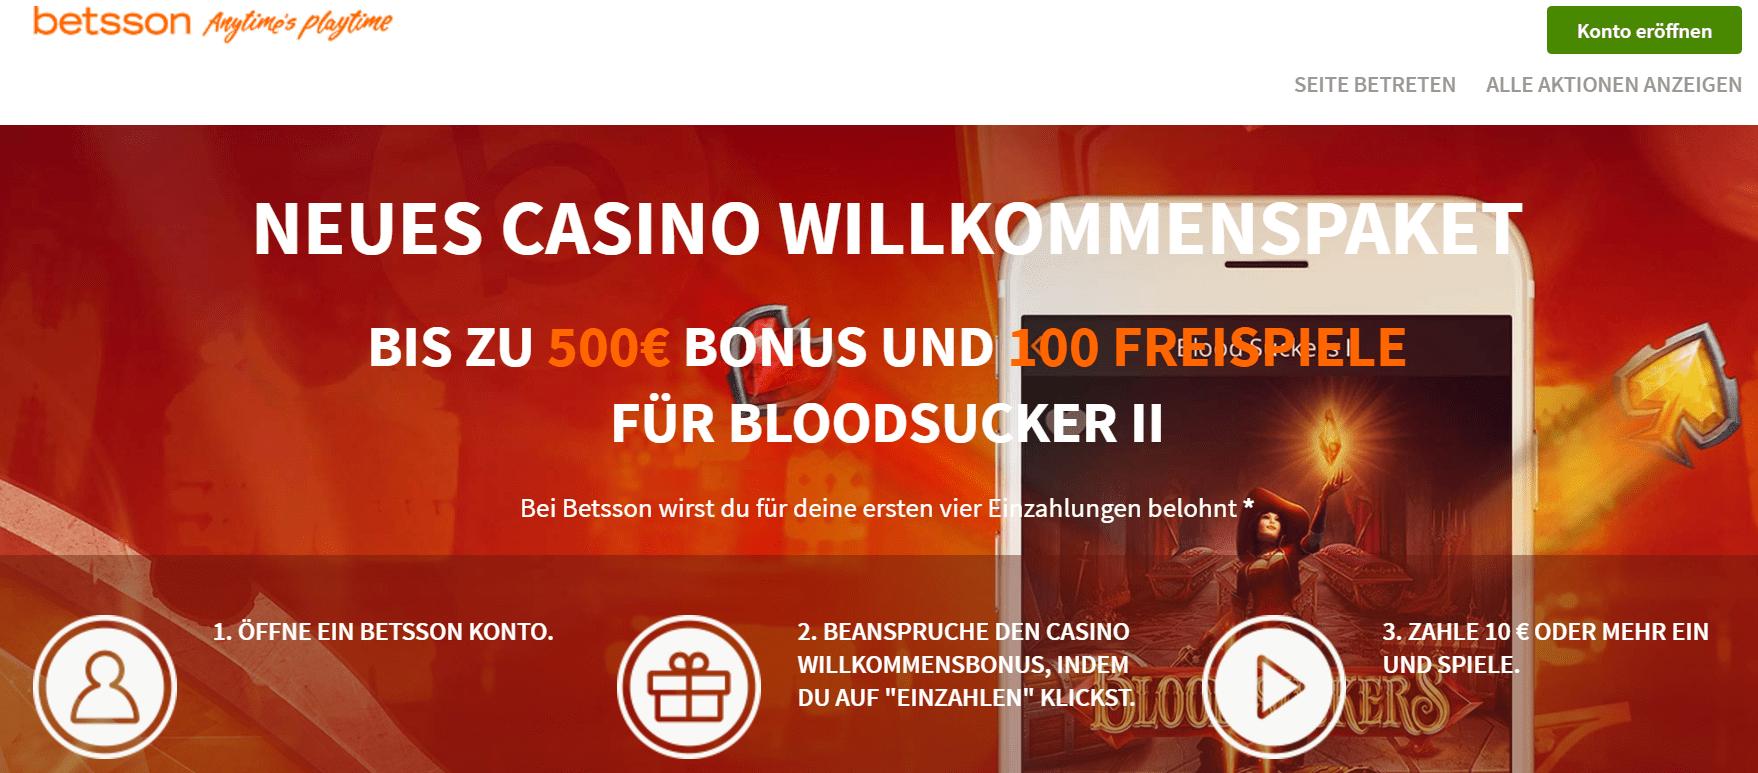 100 Freispiele Bloodsucker II